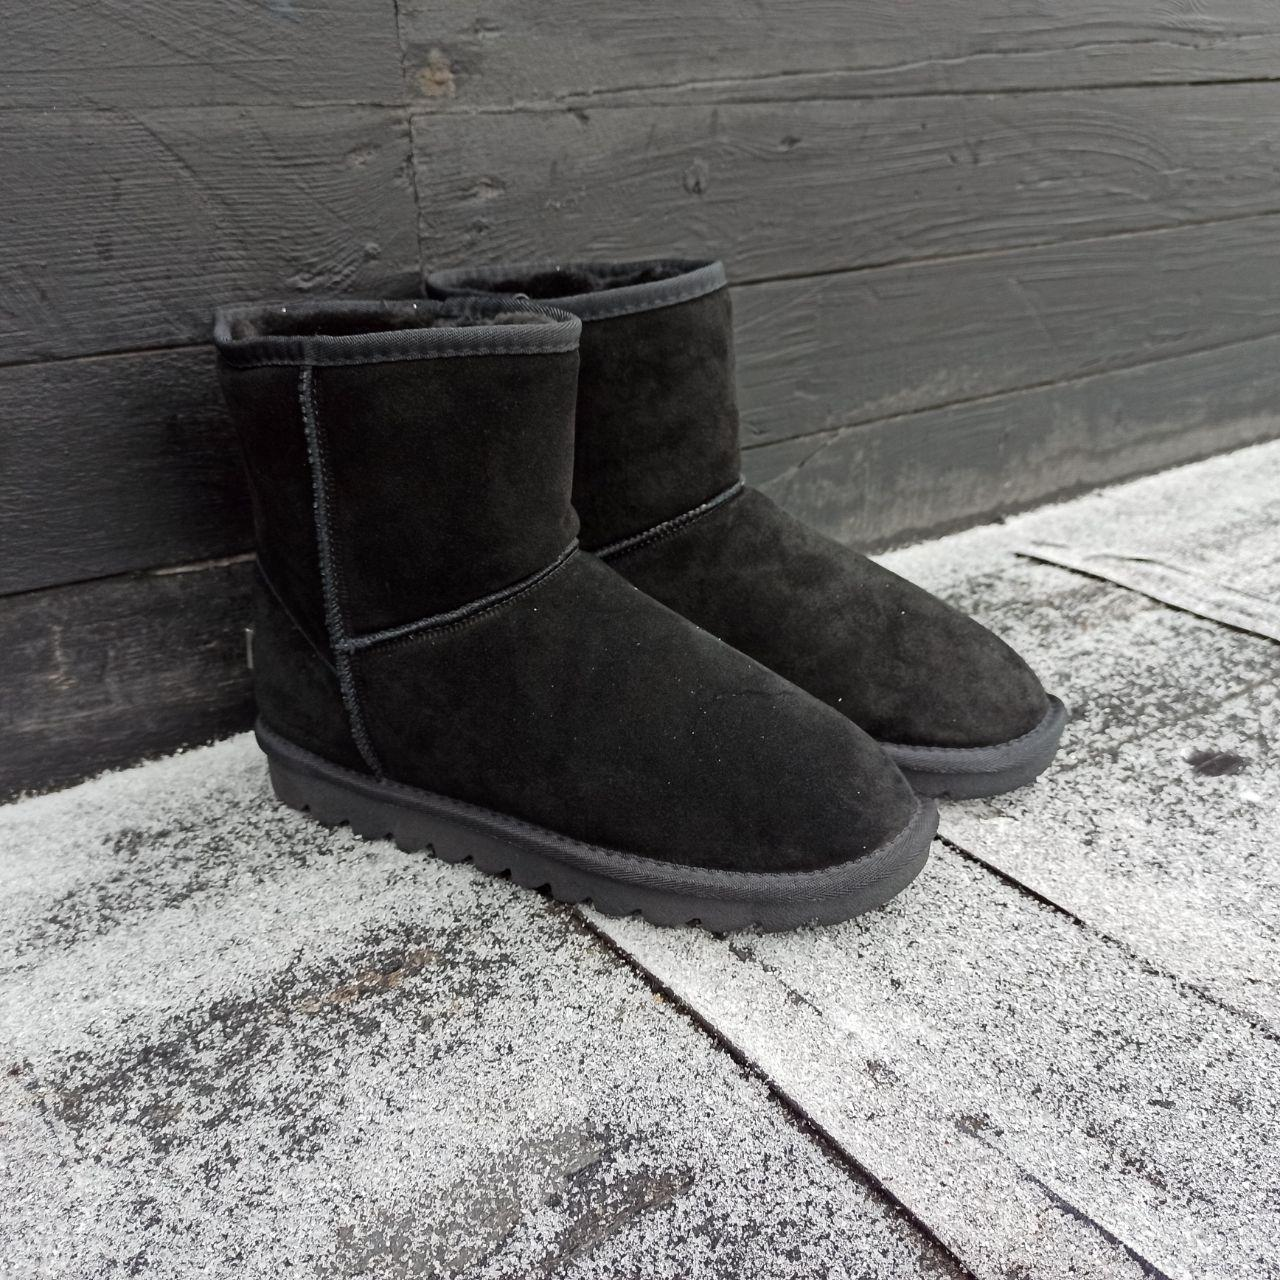 41 размер Угги UGG ботинки ВЫСОКИЕ мужские мокасины зимние теплые на меху замша натуральная